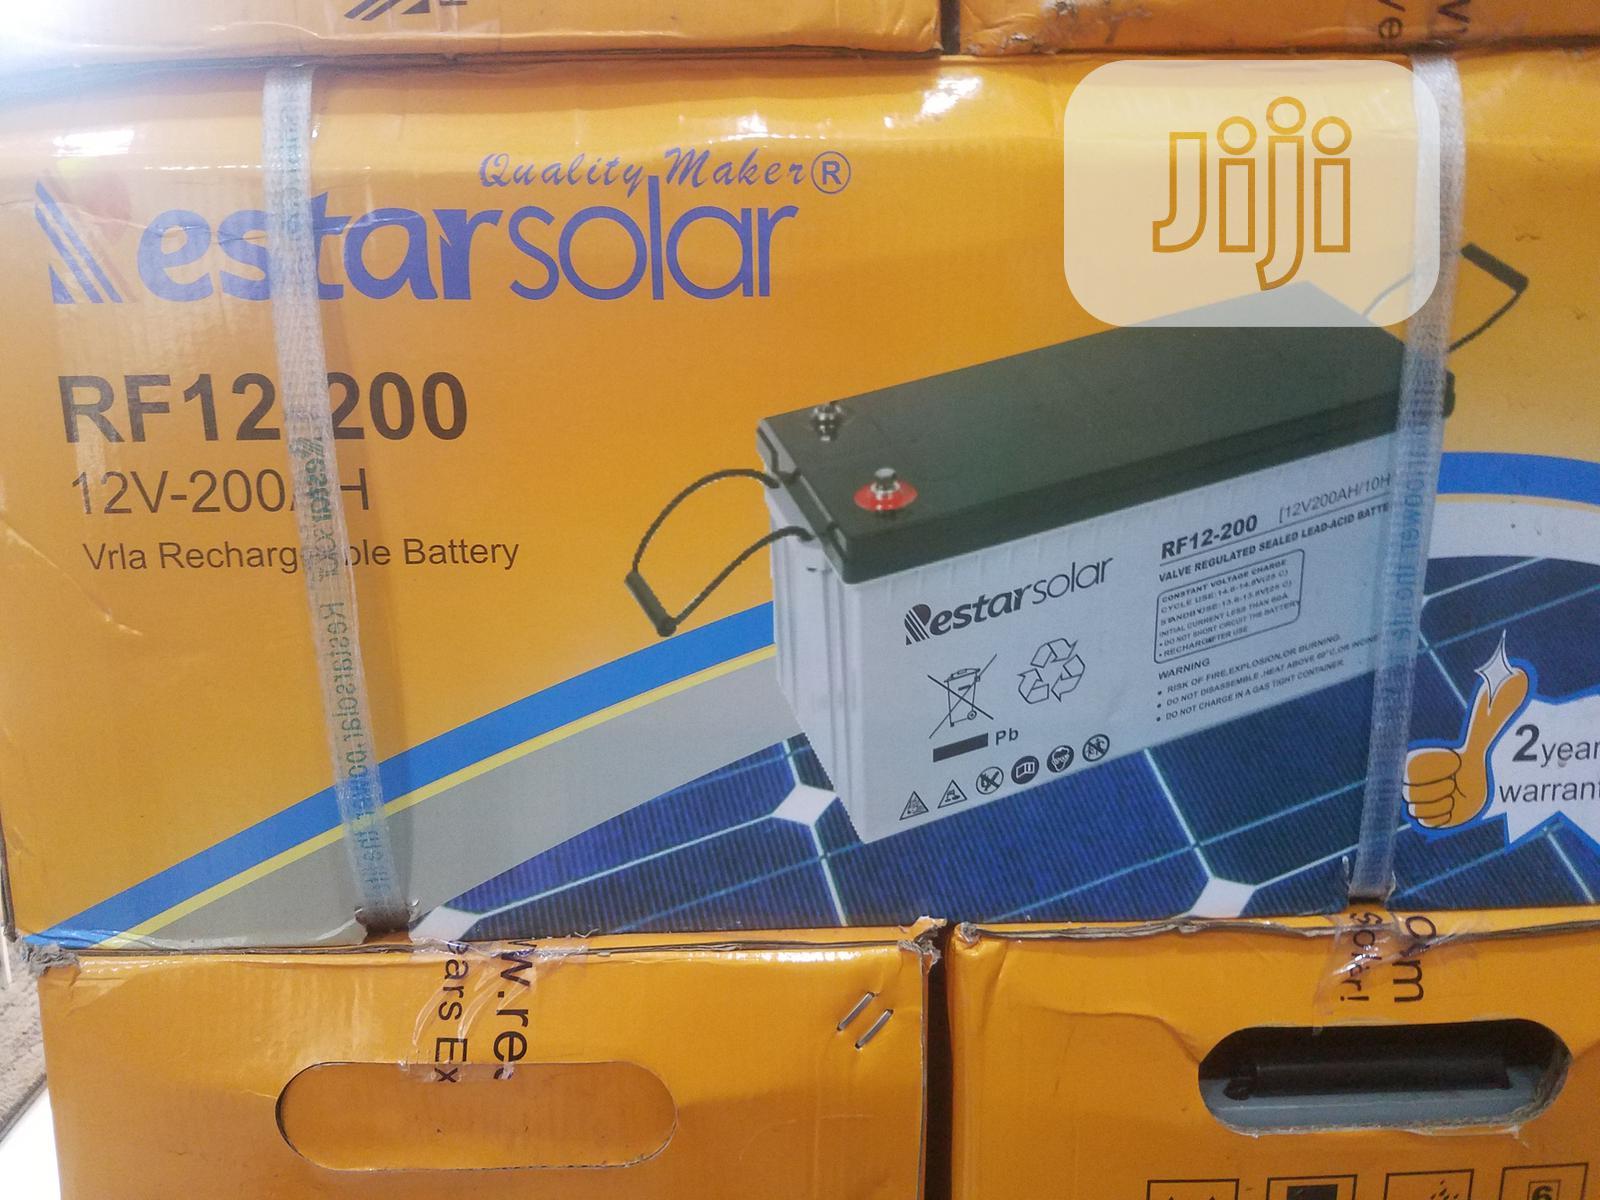 Restar Battery 12v/200ah